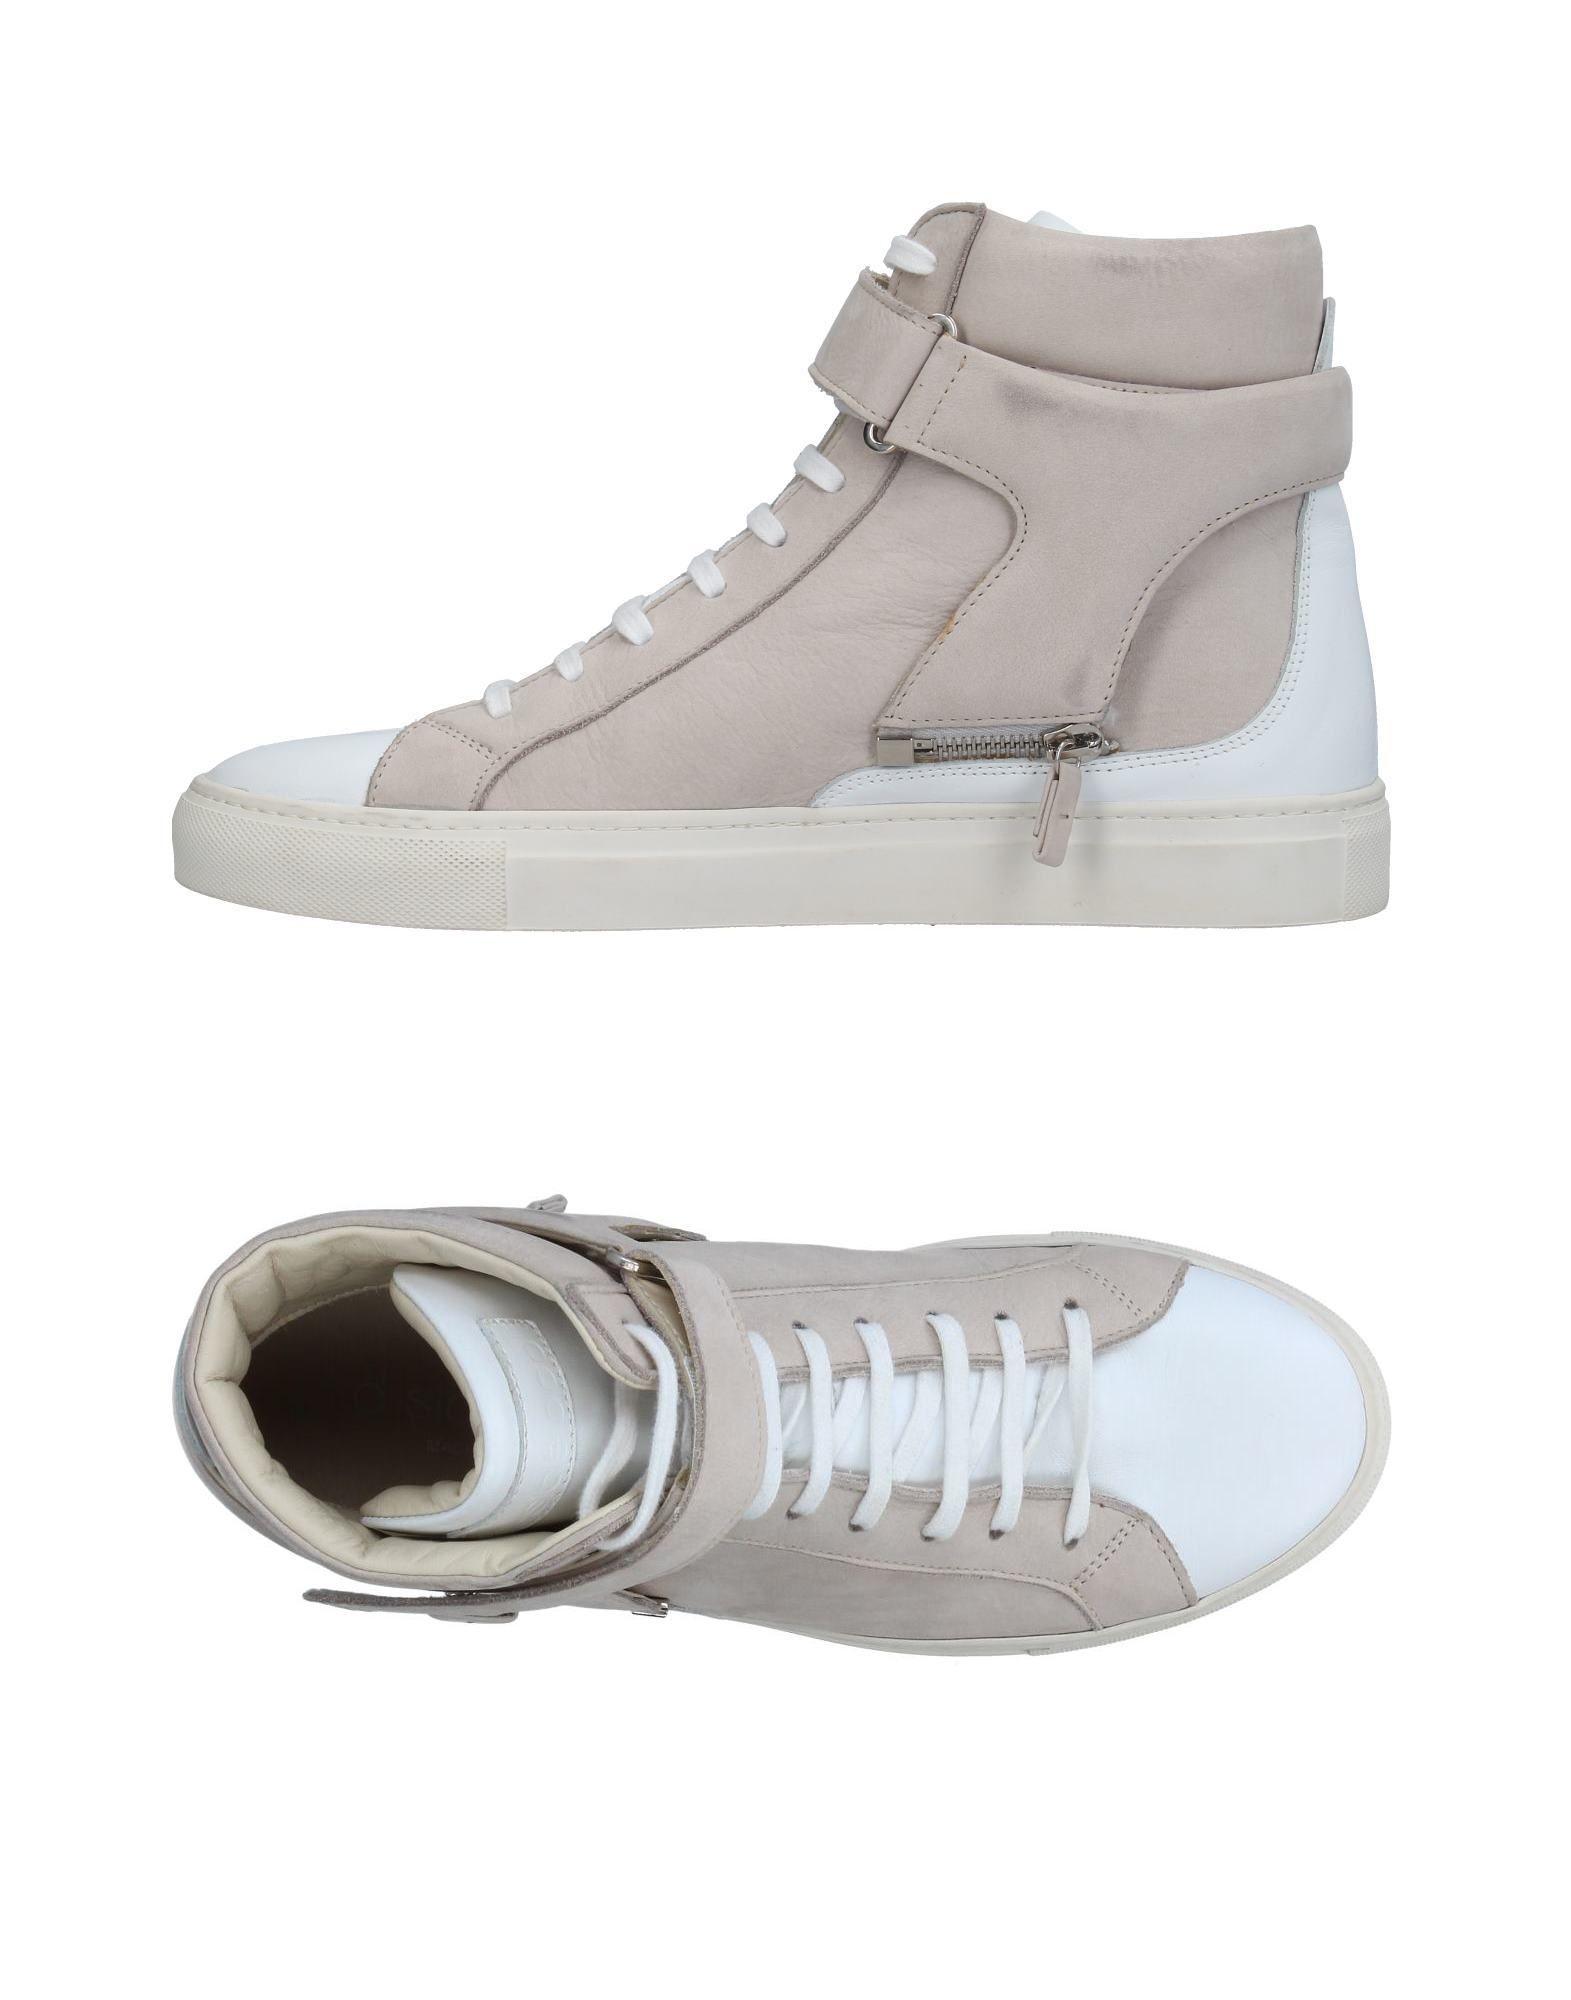 Sneakers D-S!De Homme - Sneakers D-S!De sur